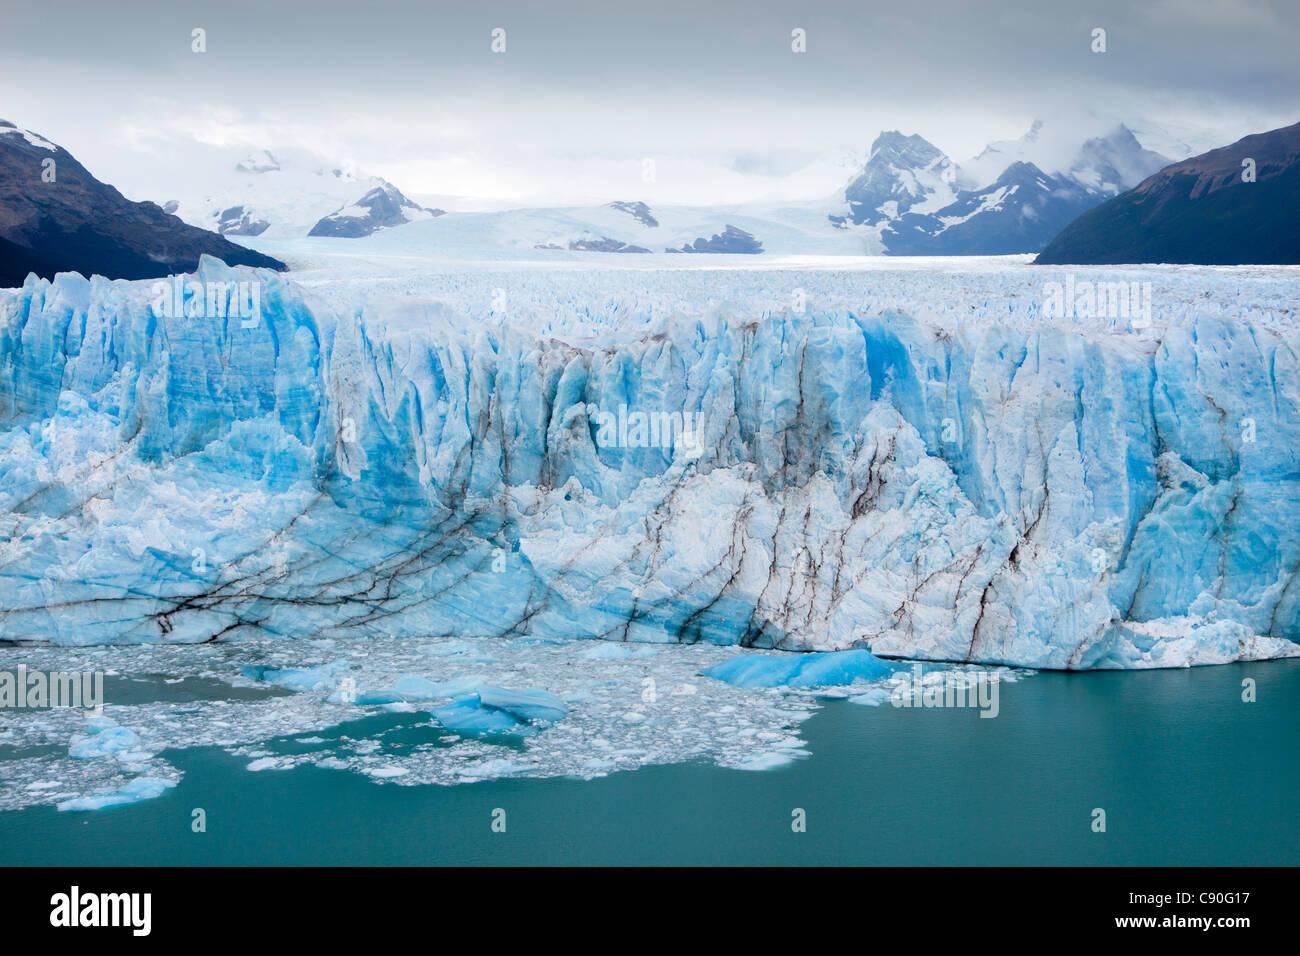 Perito Moreno glacier, Lago Argentino, Los Glaciares National Park, near El Calafate, Patagonia, Argentina Stock Photo